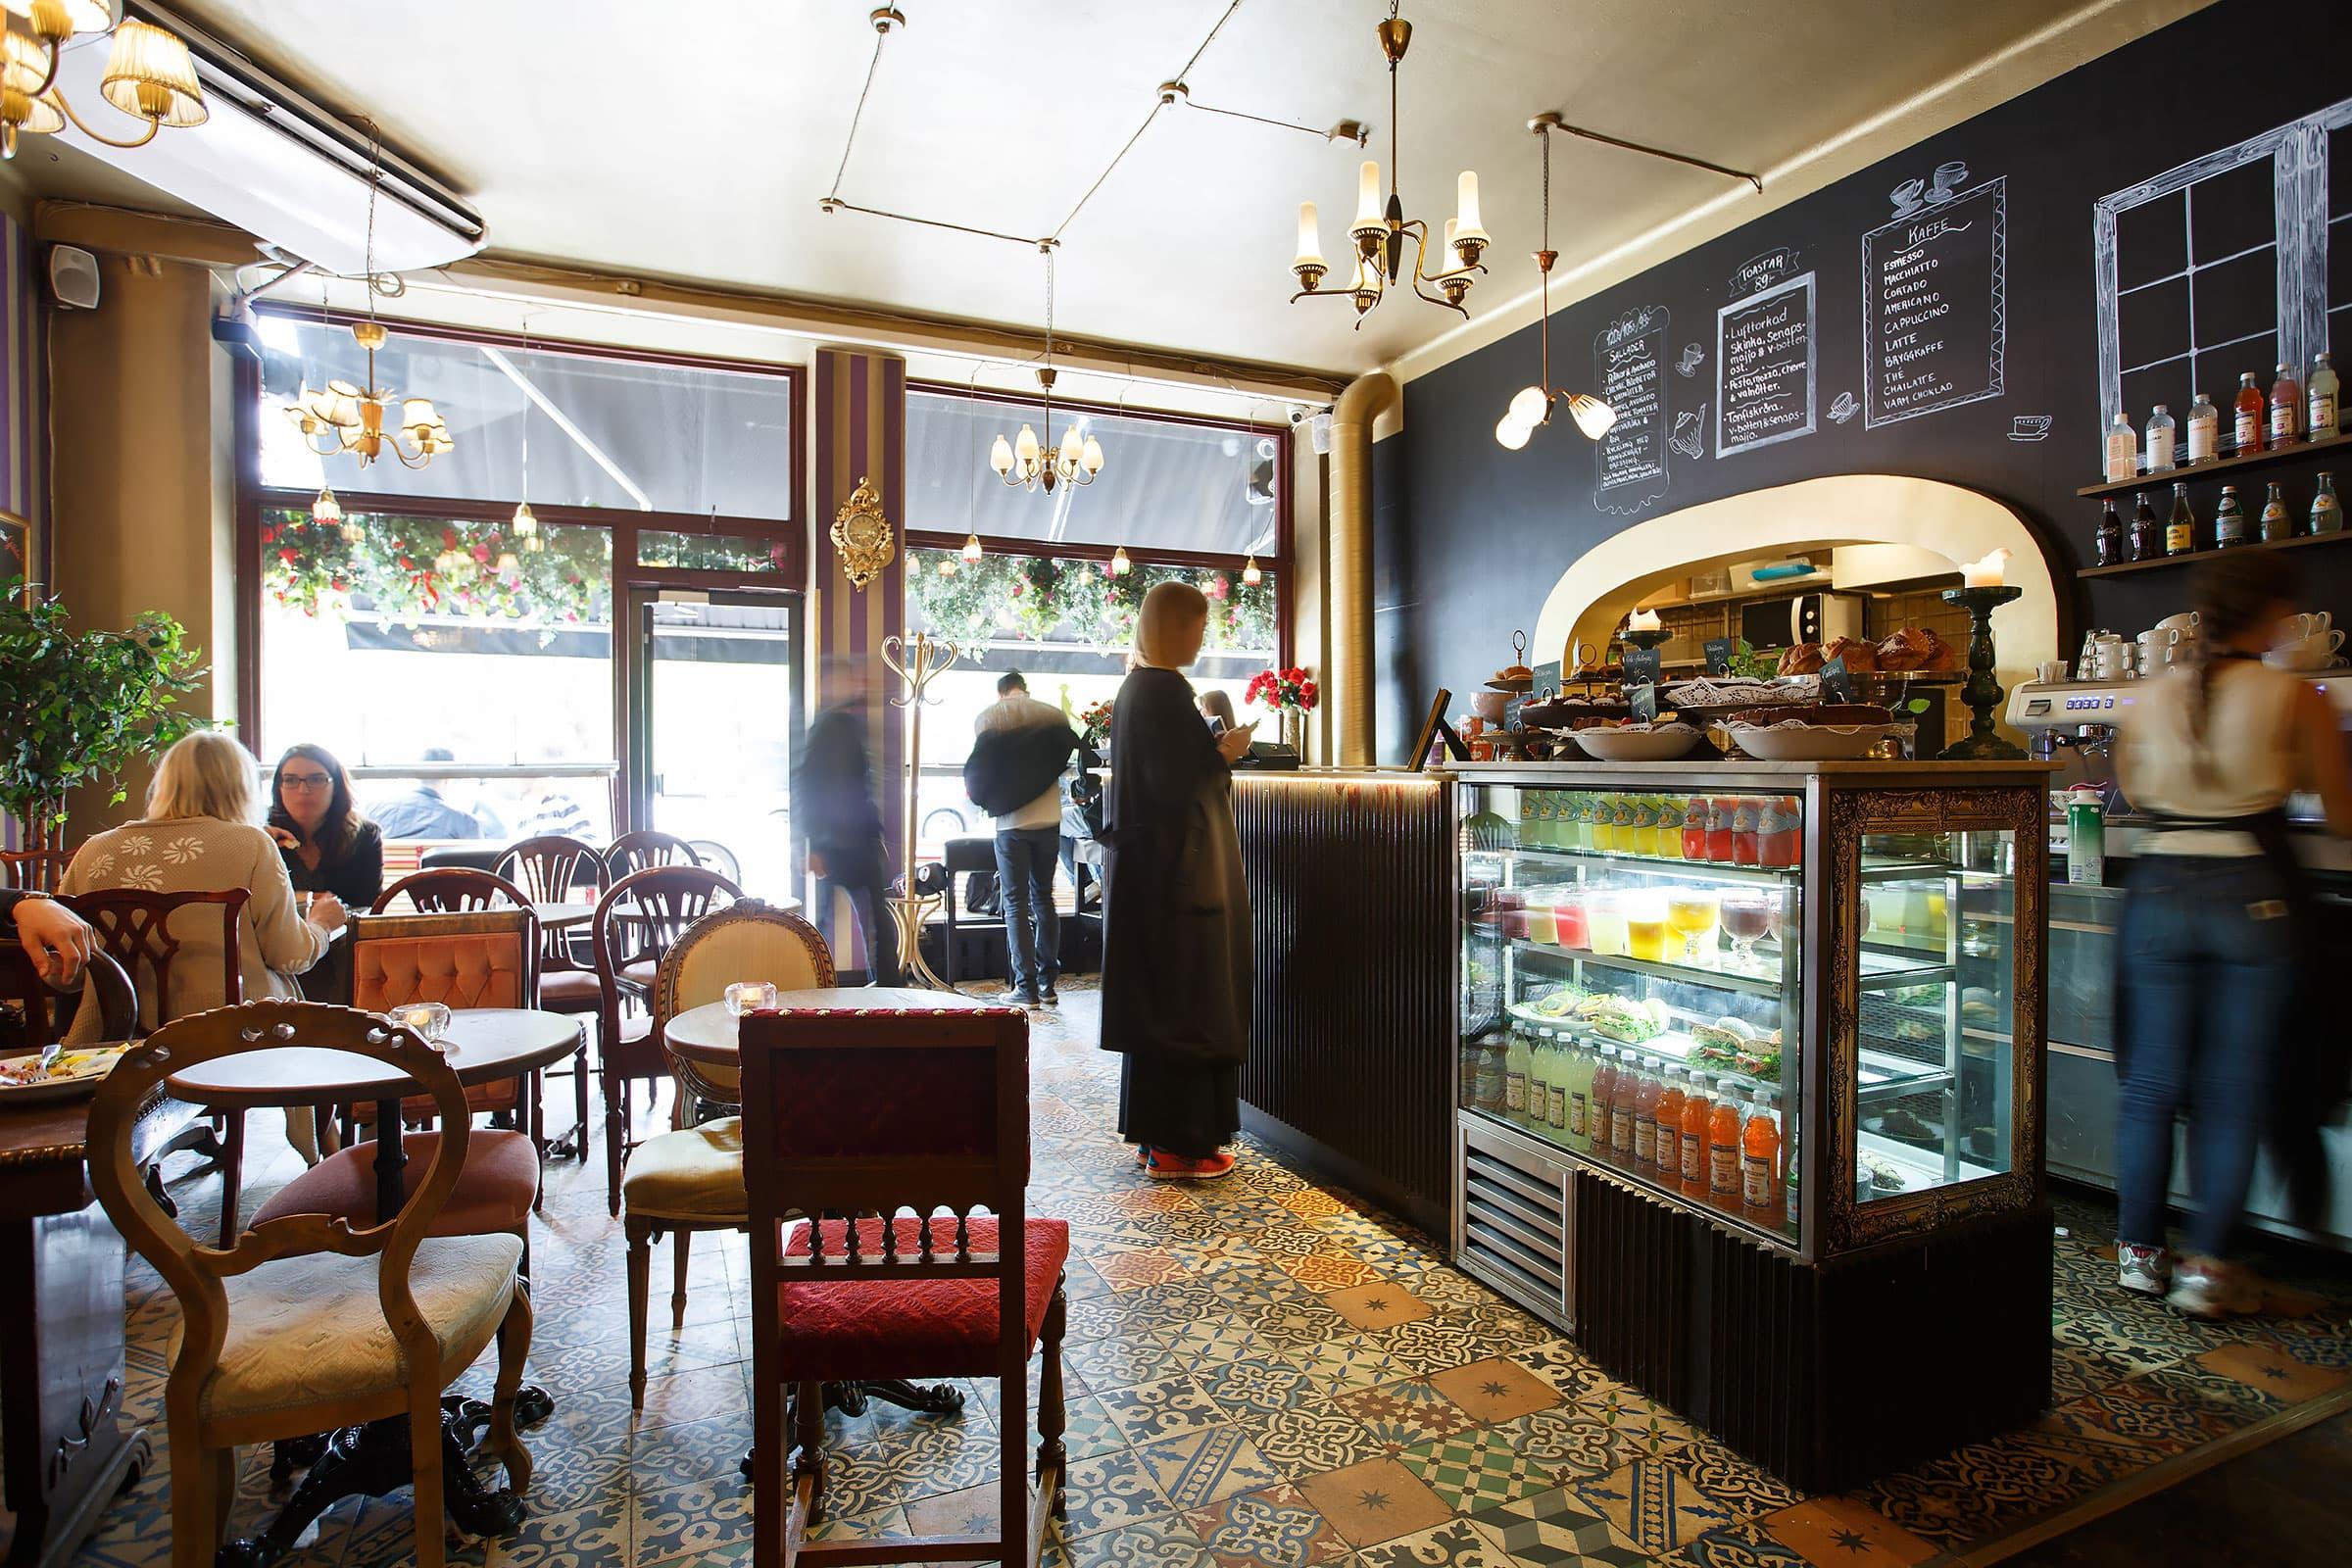 bara kaffe dating recensioner bästa dating webbplatser i Frankrike